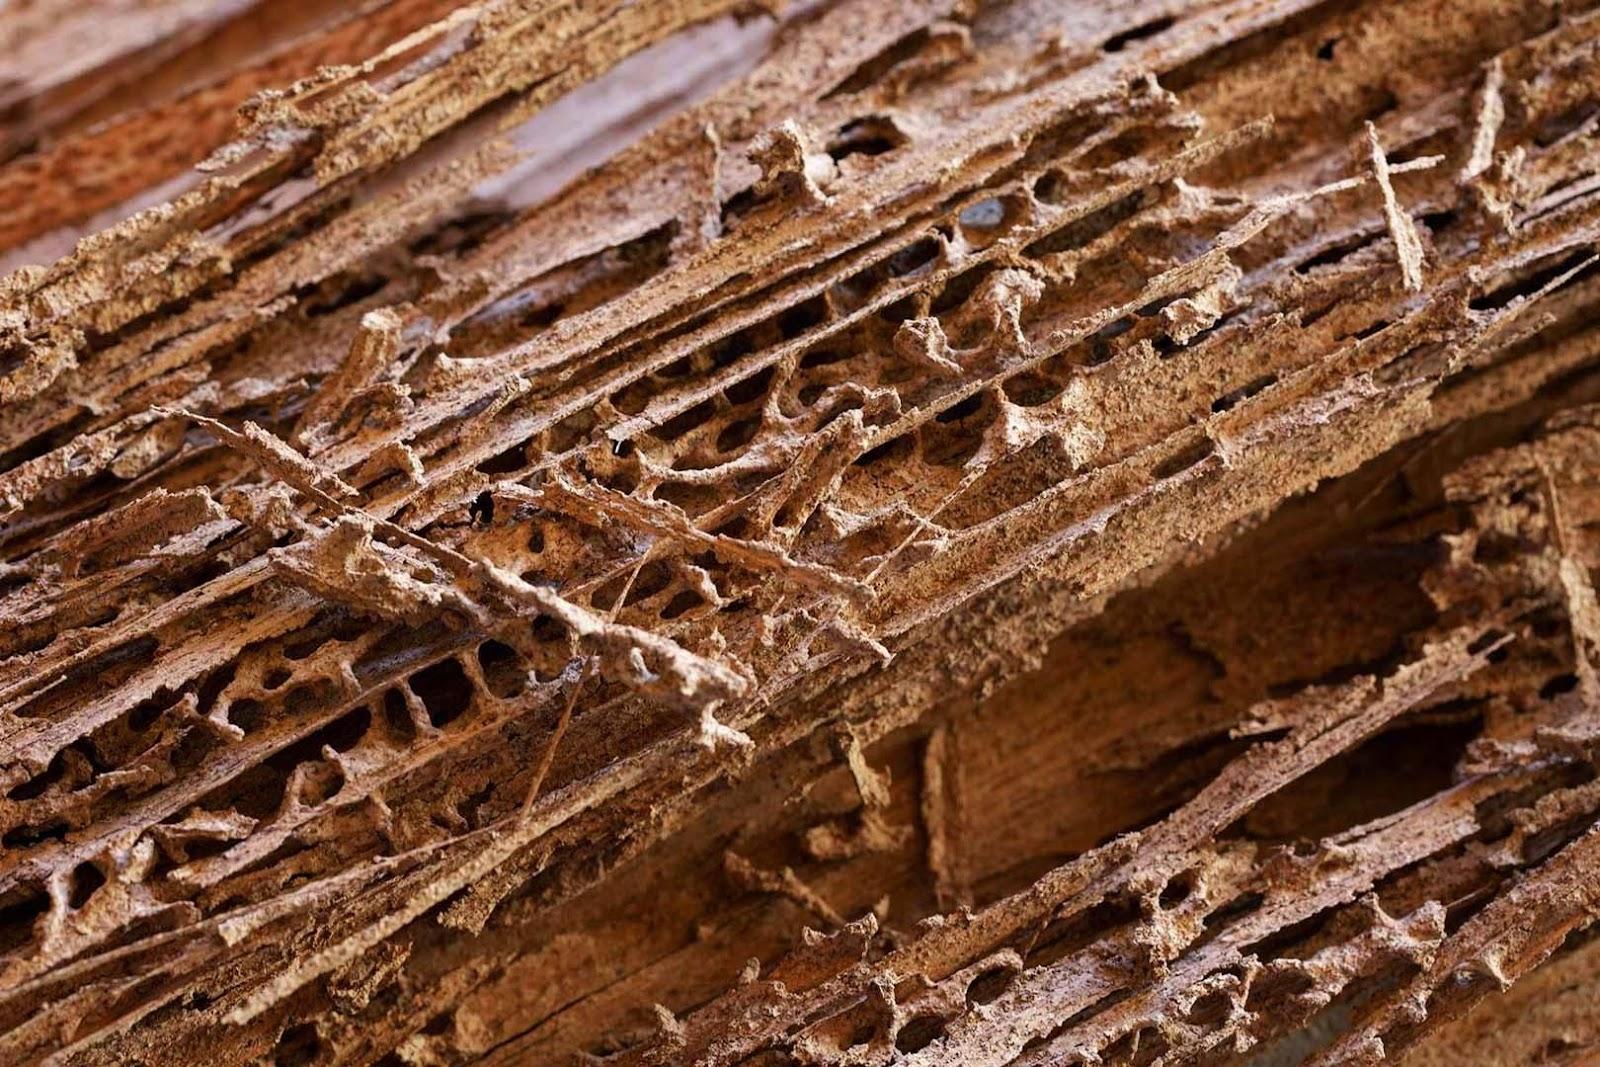 Mối mọt luôn là nỗi lo lắng của những công trình nhà gỗ